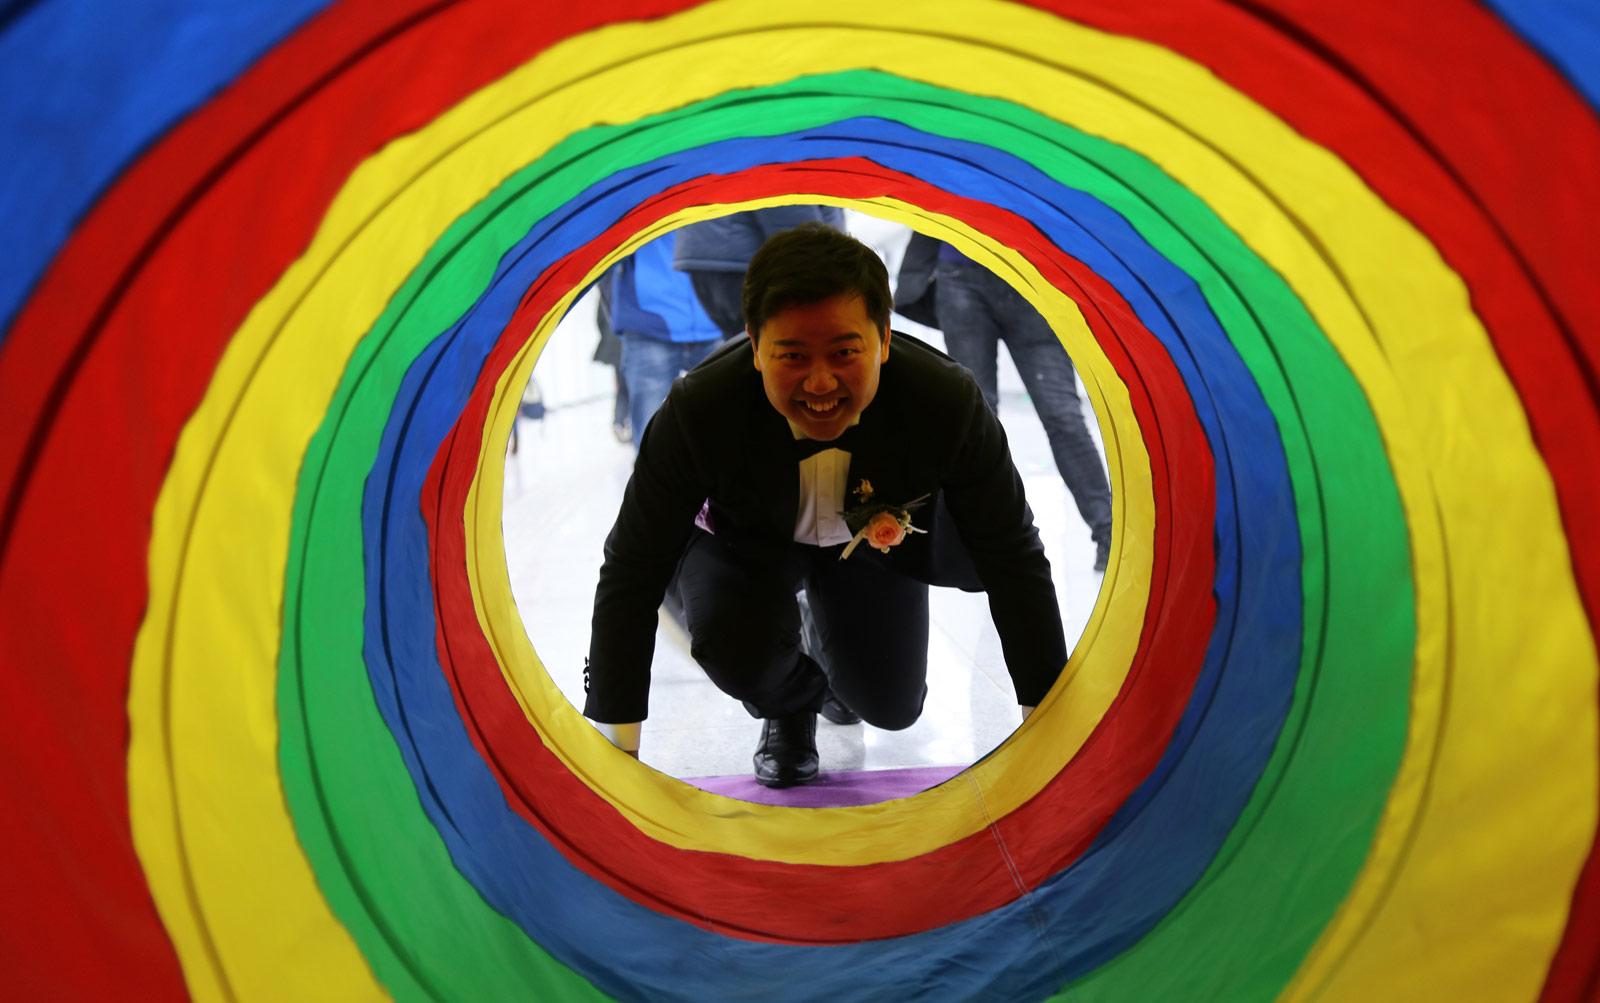 在当天集体婚礼上,新人们做游戏、拍合影、送喜糖,和市民一起分享自己的幸福。图为新郎参加穿越幸福隧道游戏。(连迅 摄)